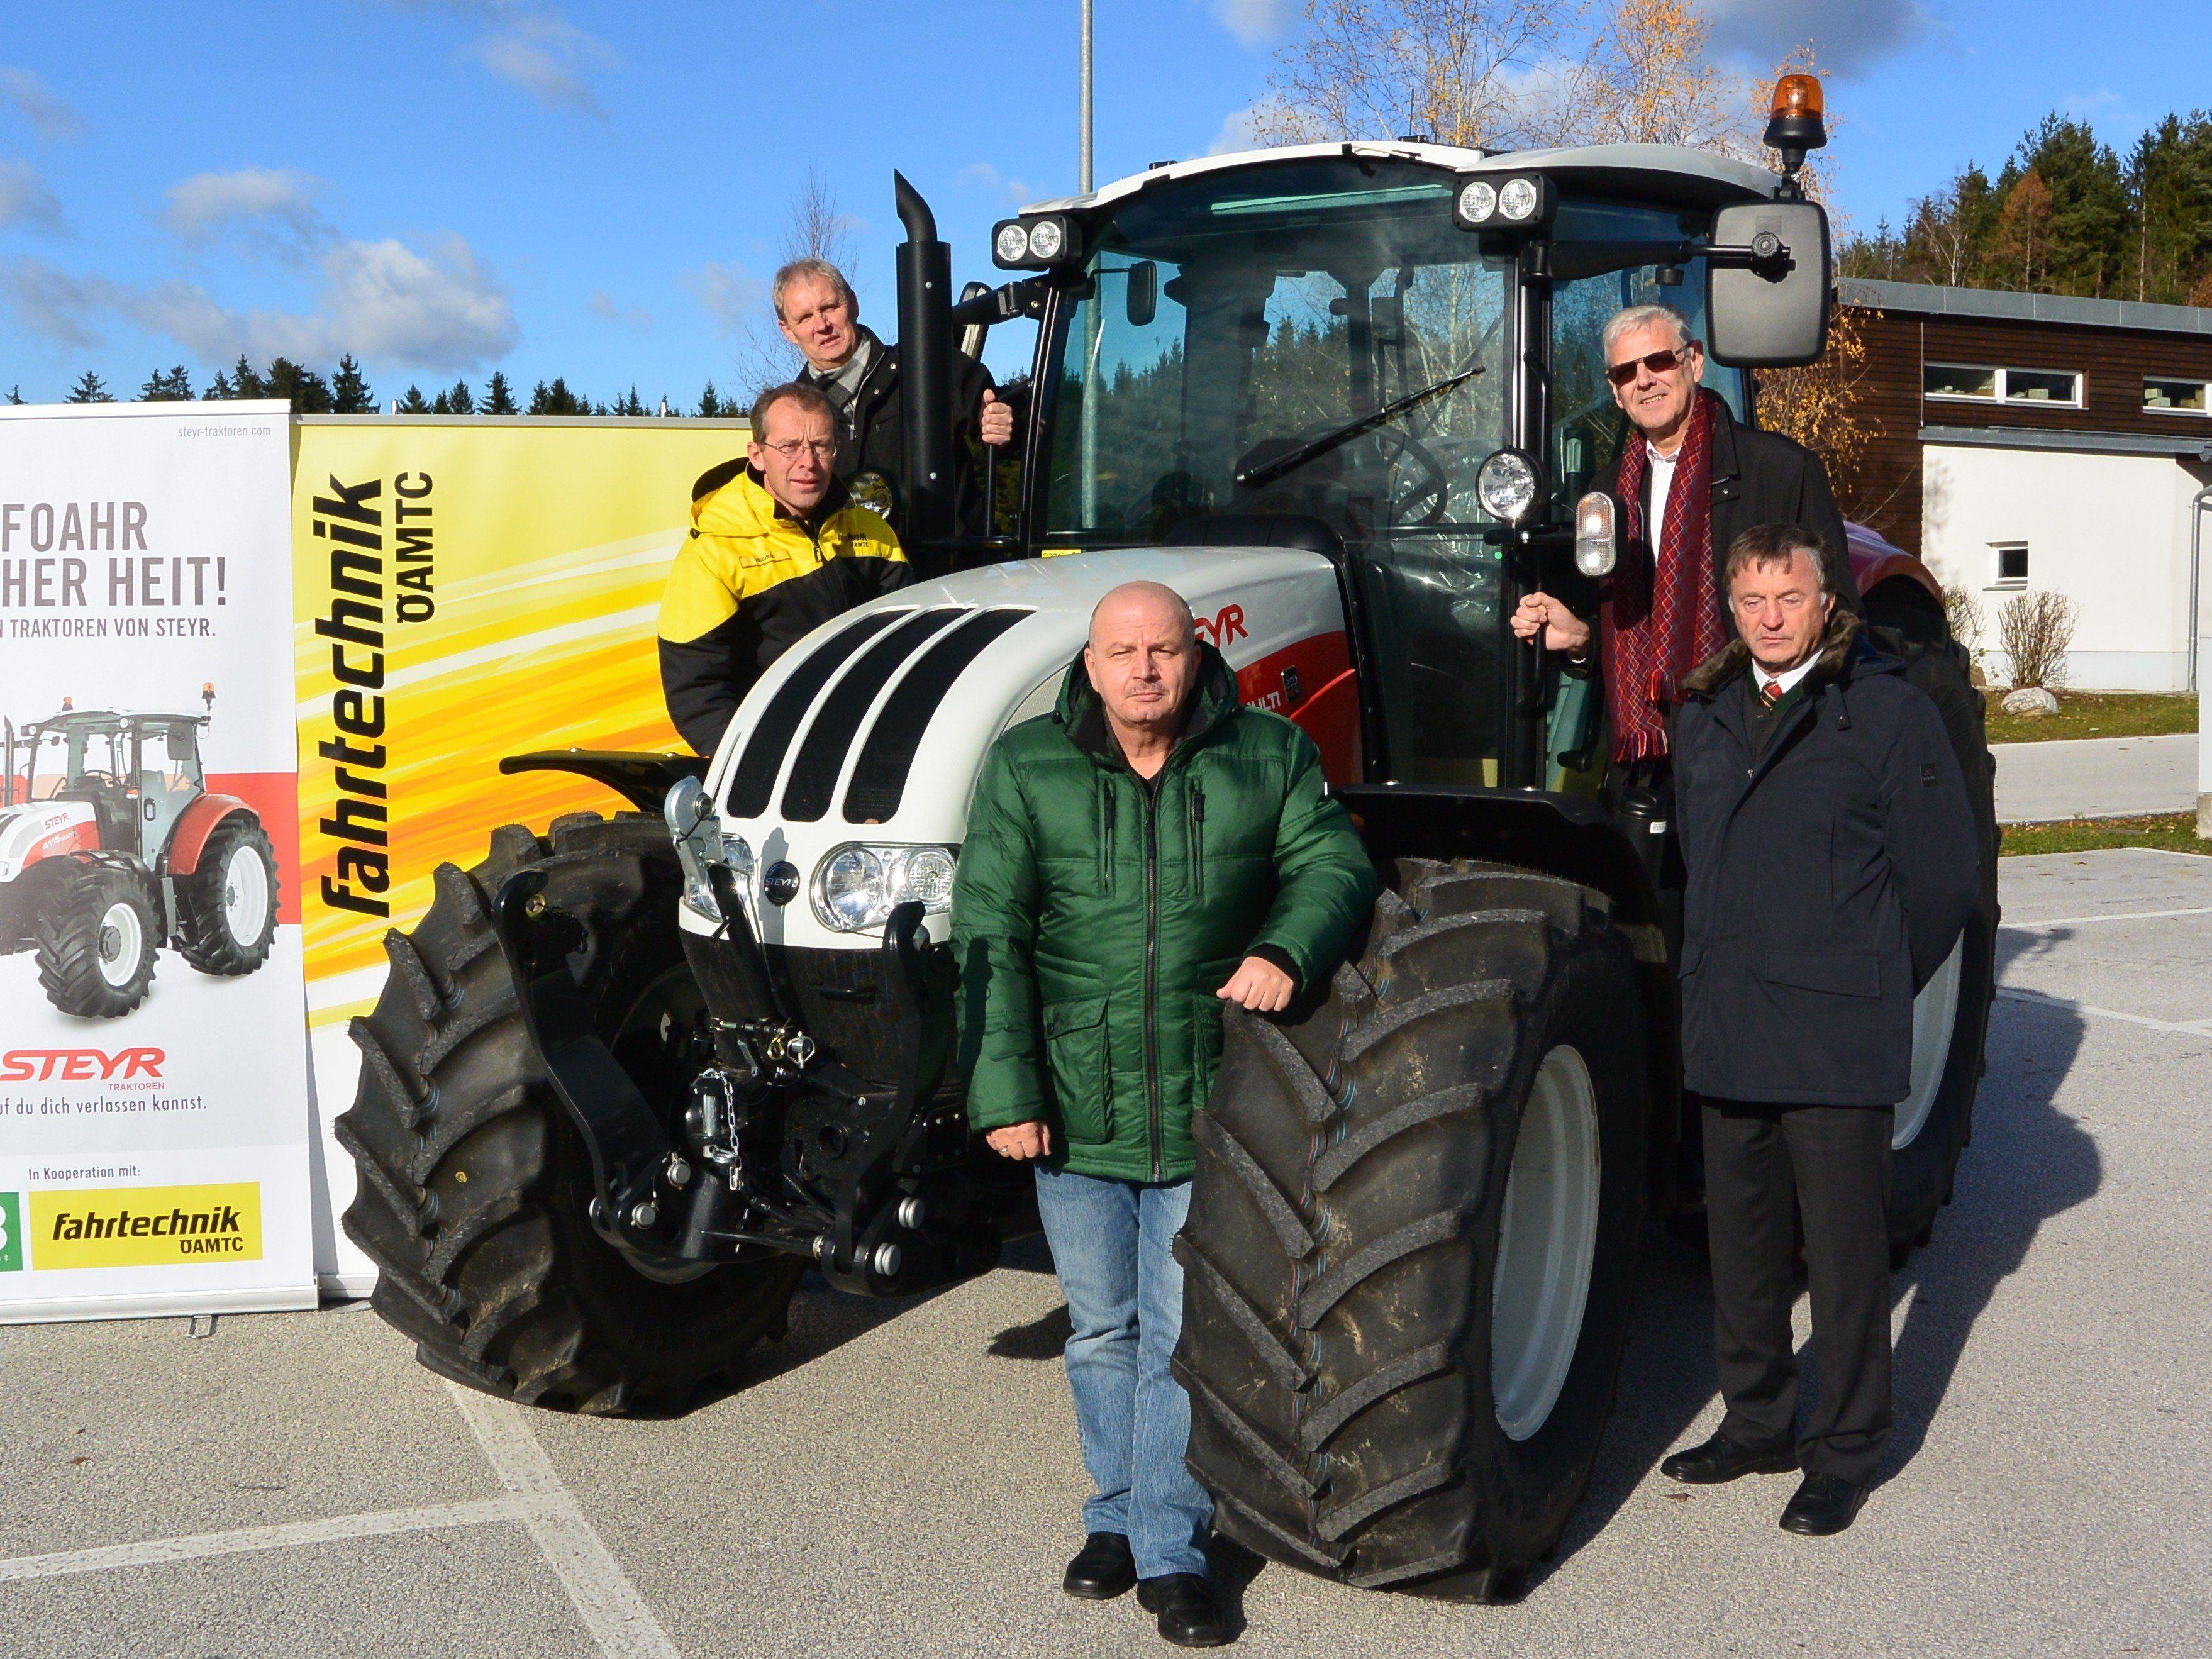 Fahrtsicherheitstraining mit Traktoren: Professionellen Umgang mit den Landtechnikmaschinen erlernen.